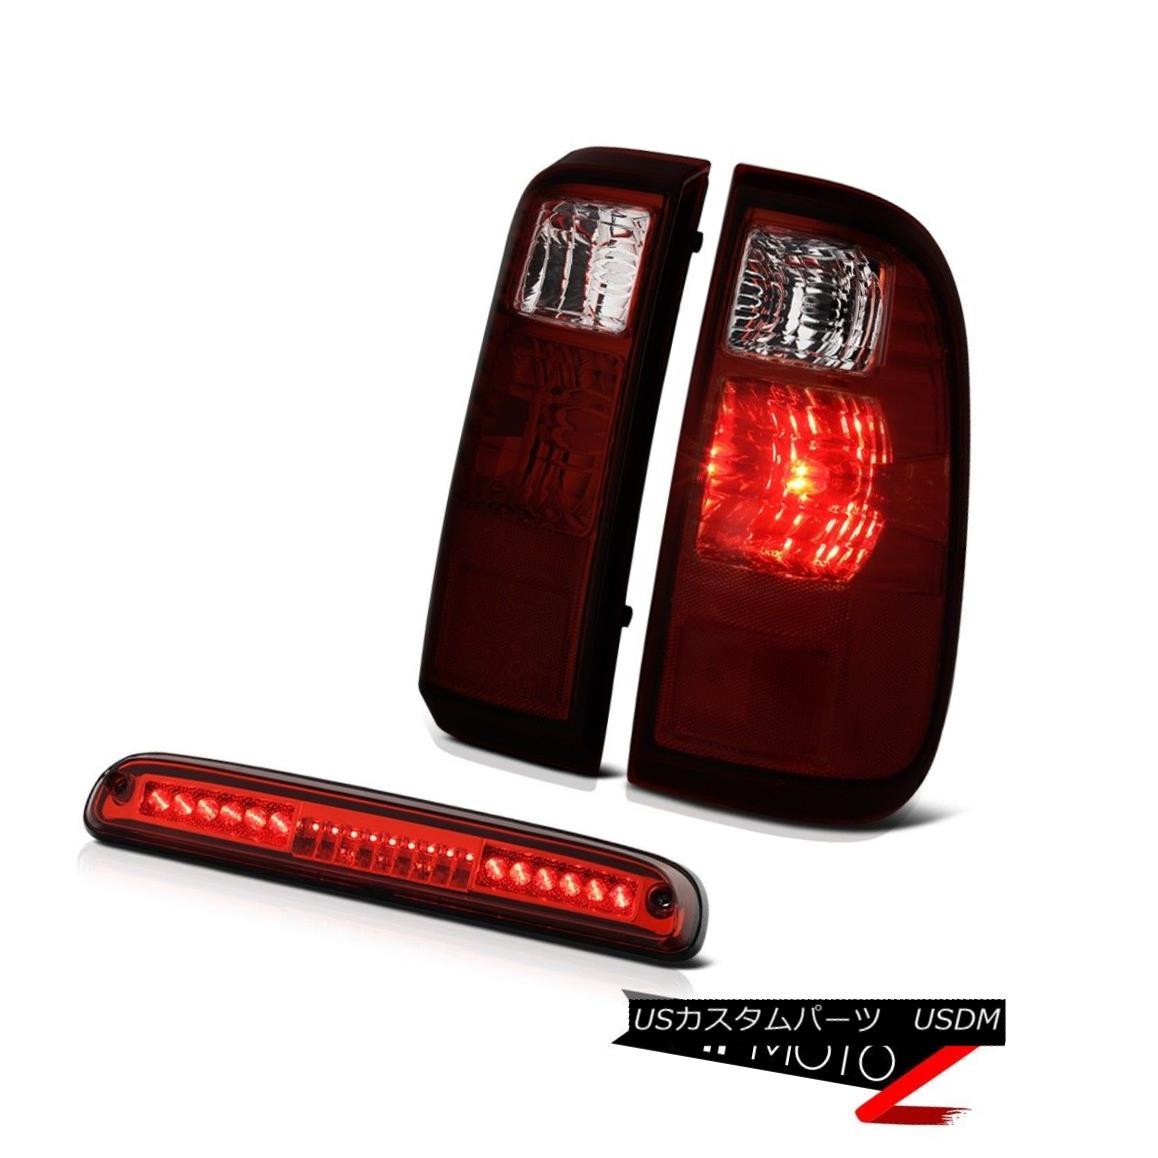 テールライト 08-10 Ford F250 F350 Red Smoke Tail Lights LED Roof Brake Cargo 3rd Brake Lamps 08-10フォードF250 F350赤煙テールライトLED屋根ブレーキ貨物第3ブレーキランプ